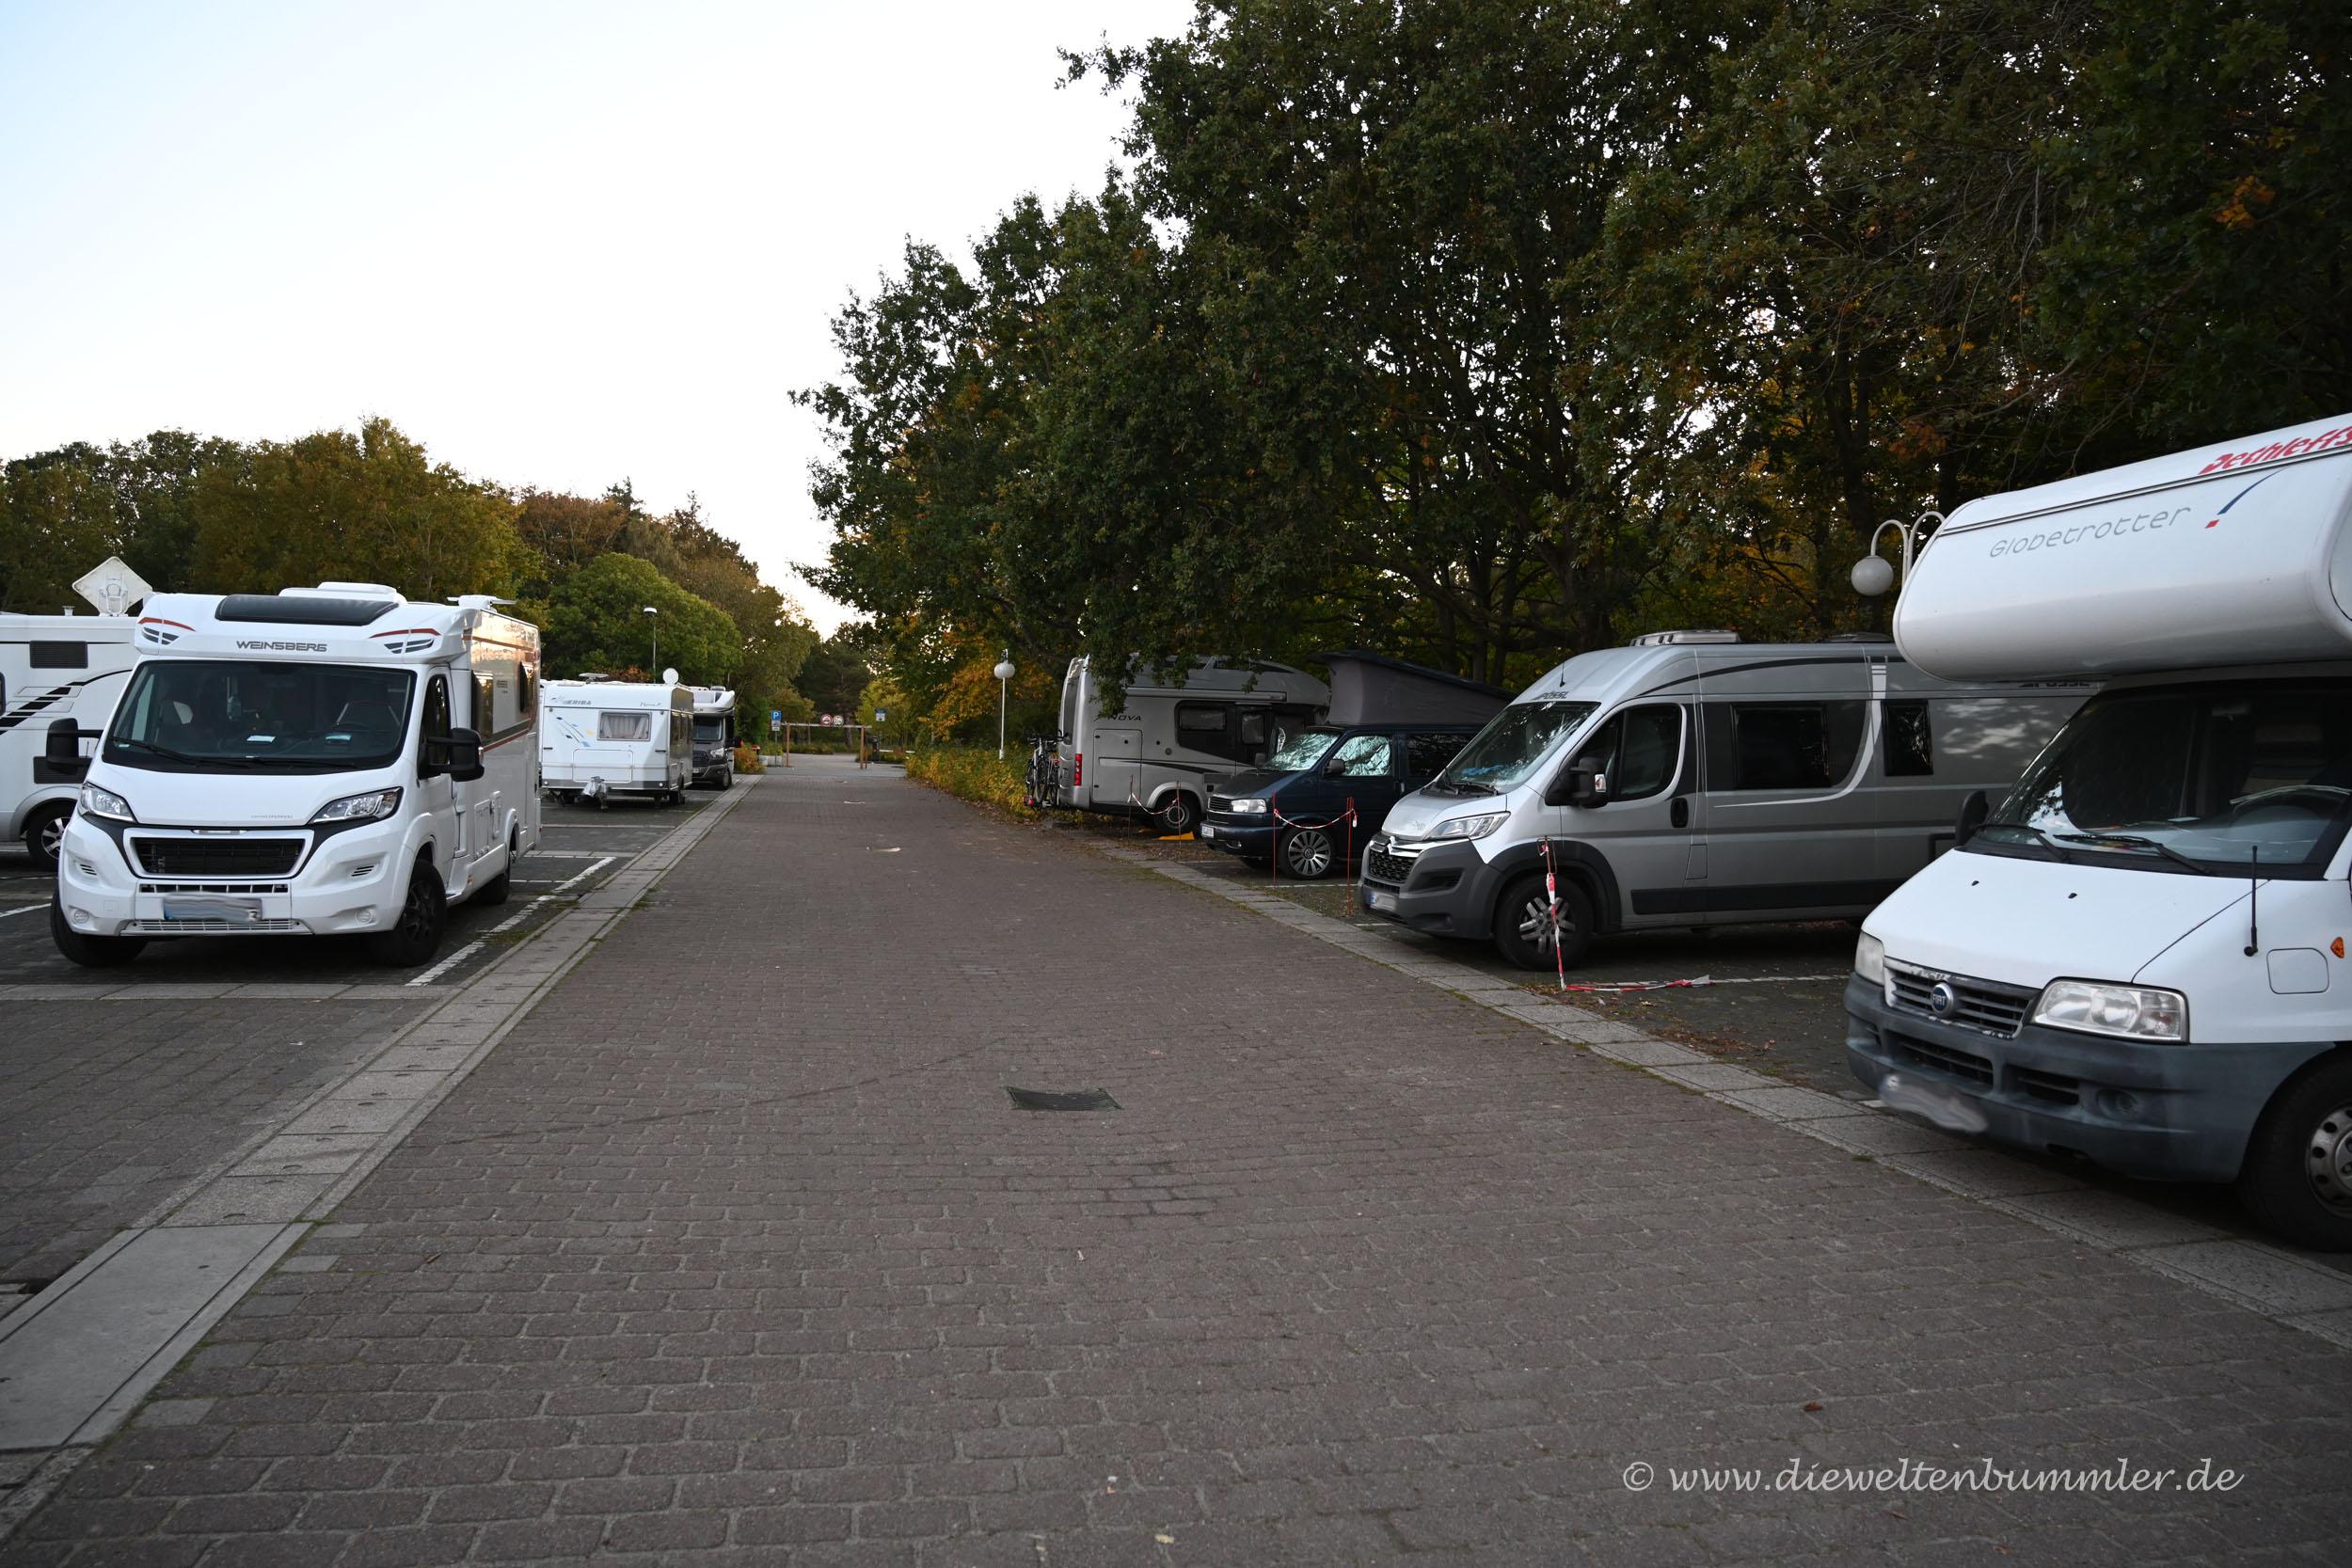 Wohnmobilstellplatz Cuxhaven